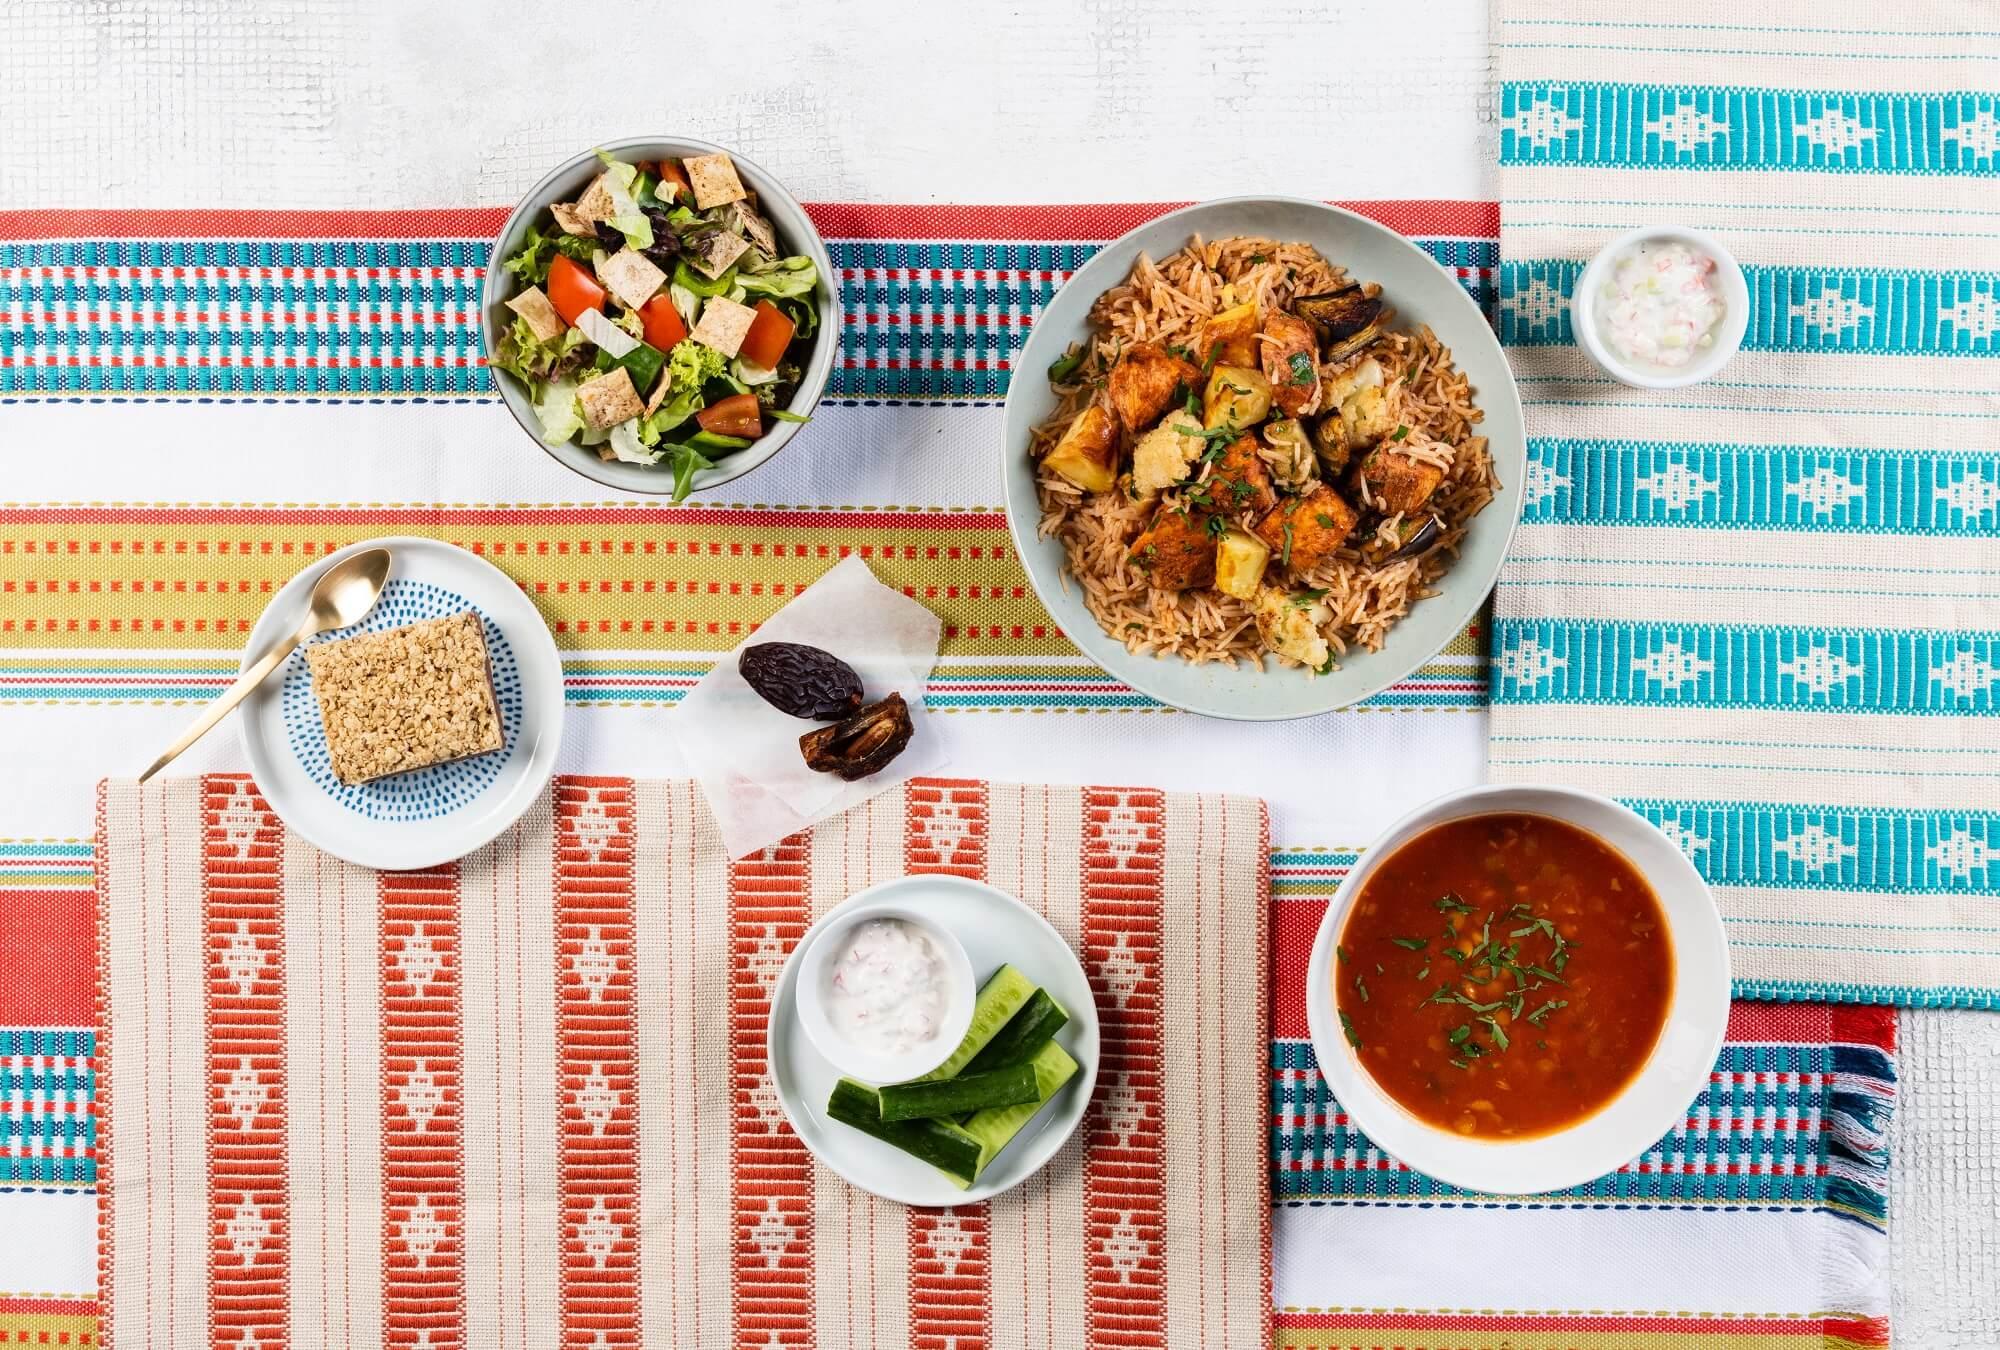 مطاعم كي كال تقدم قائمة طعام جديدة كلياً لشهر رمضان المبارك